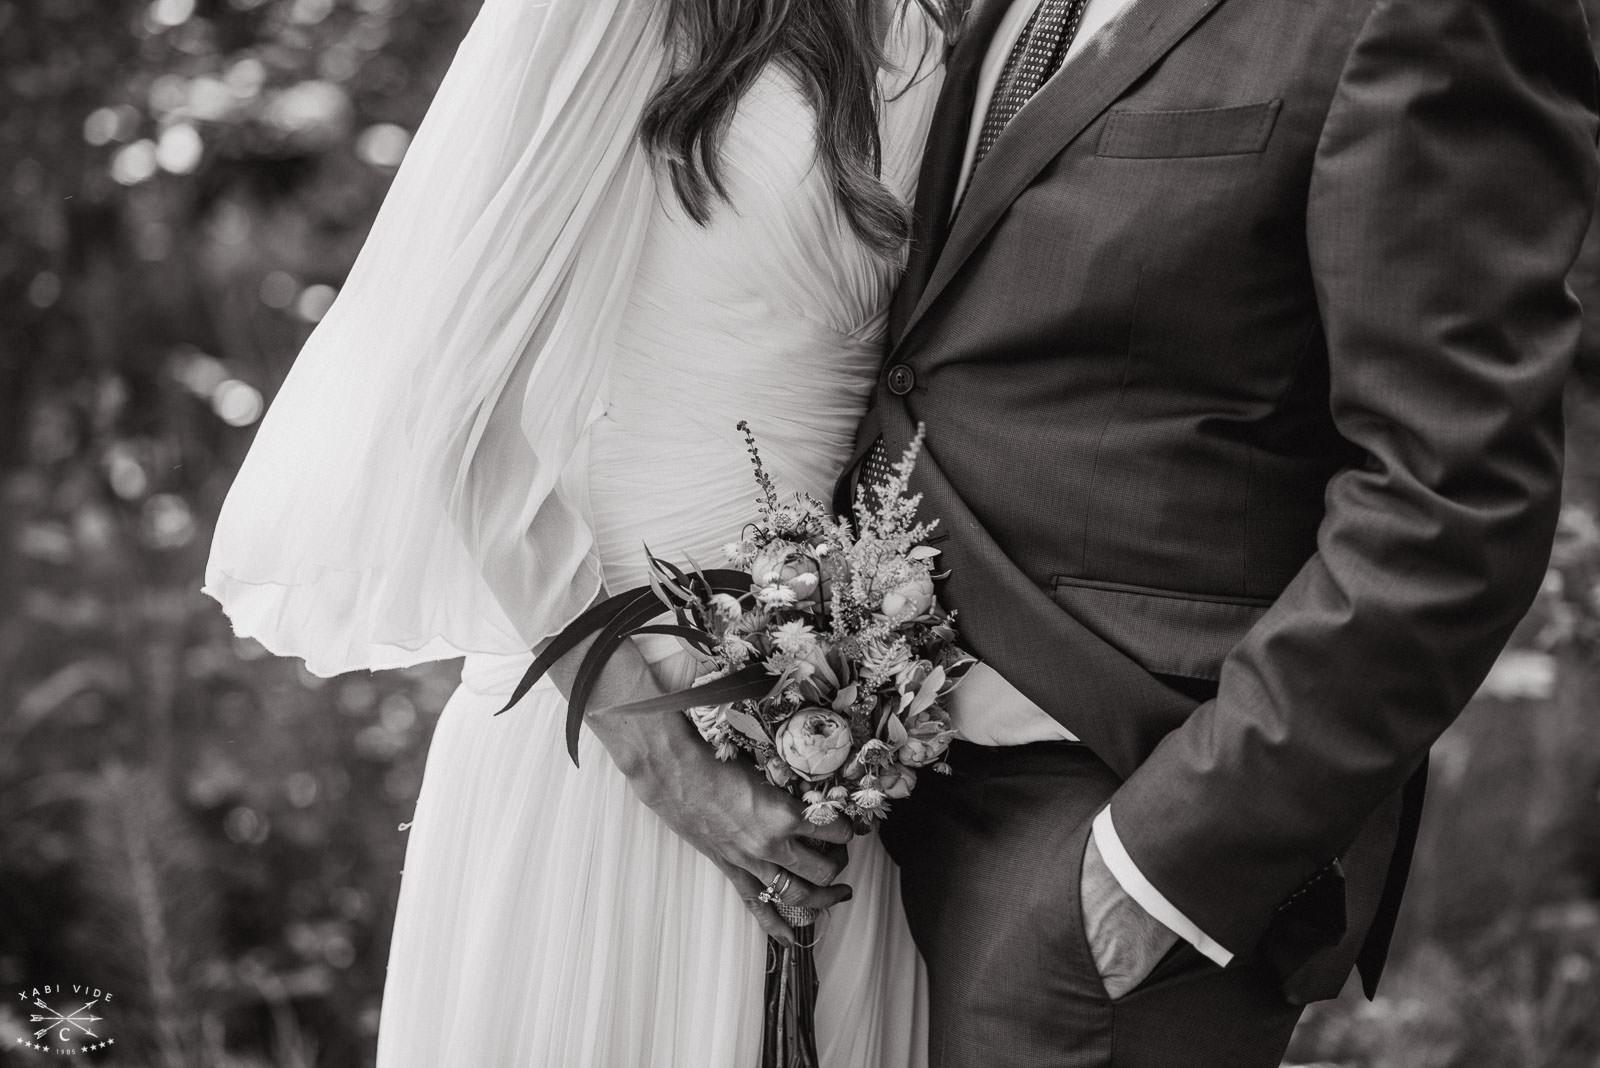 fotografo de bodas en bilbao-125.1